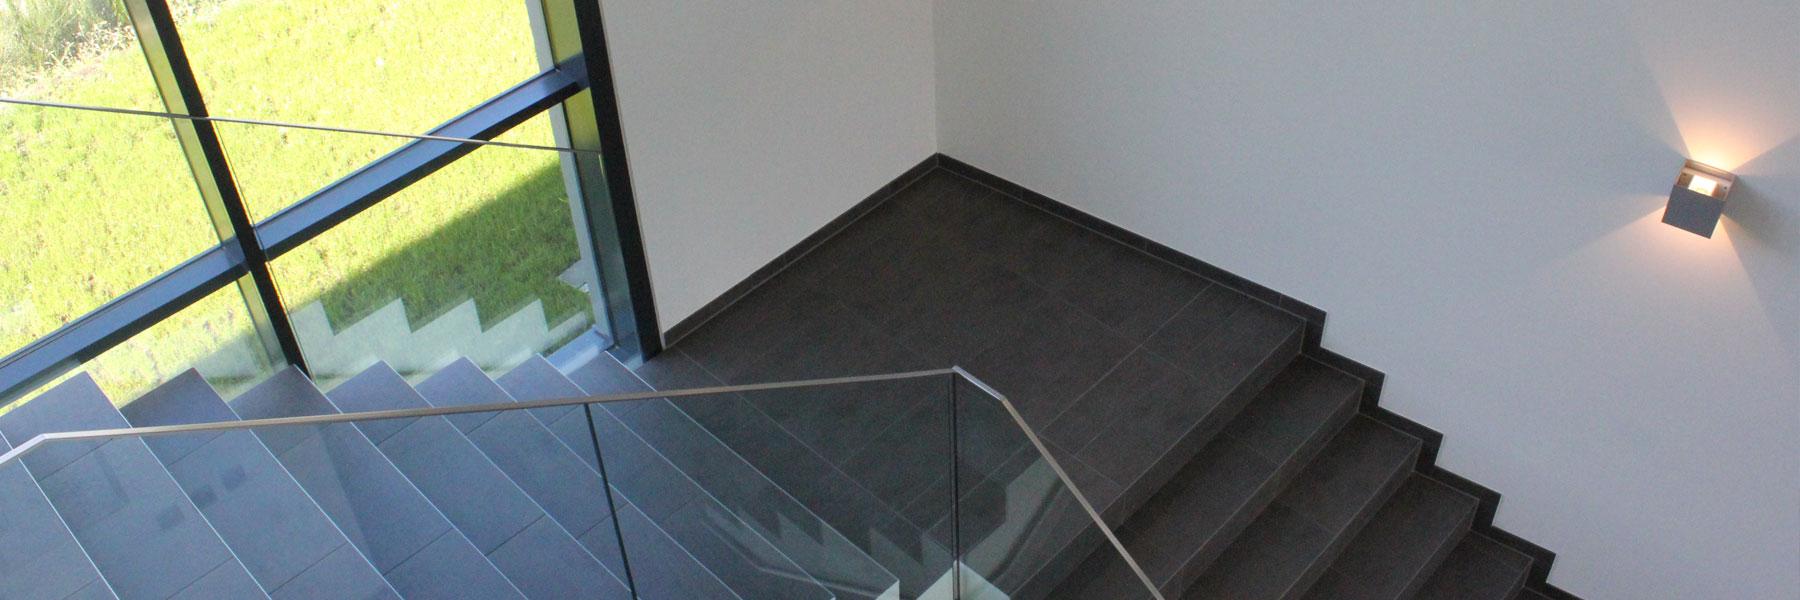 Wand Decke Boden